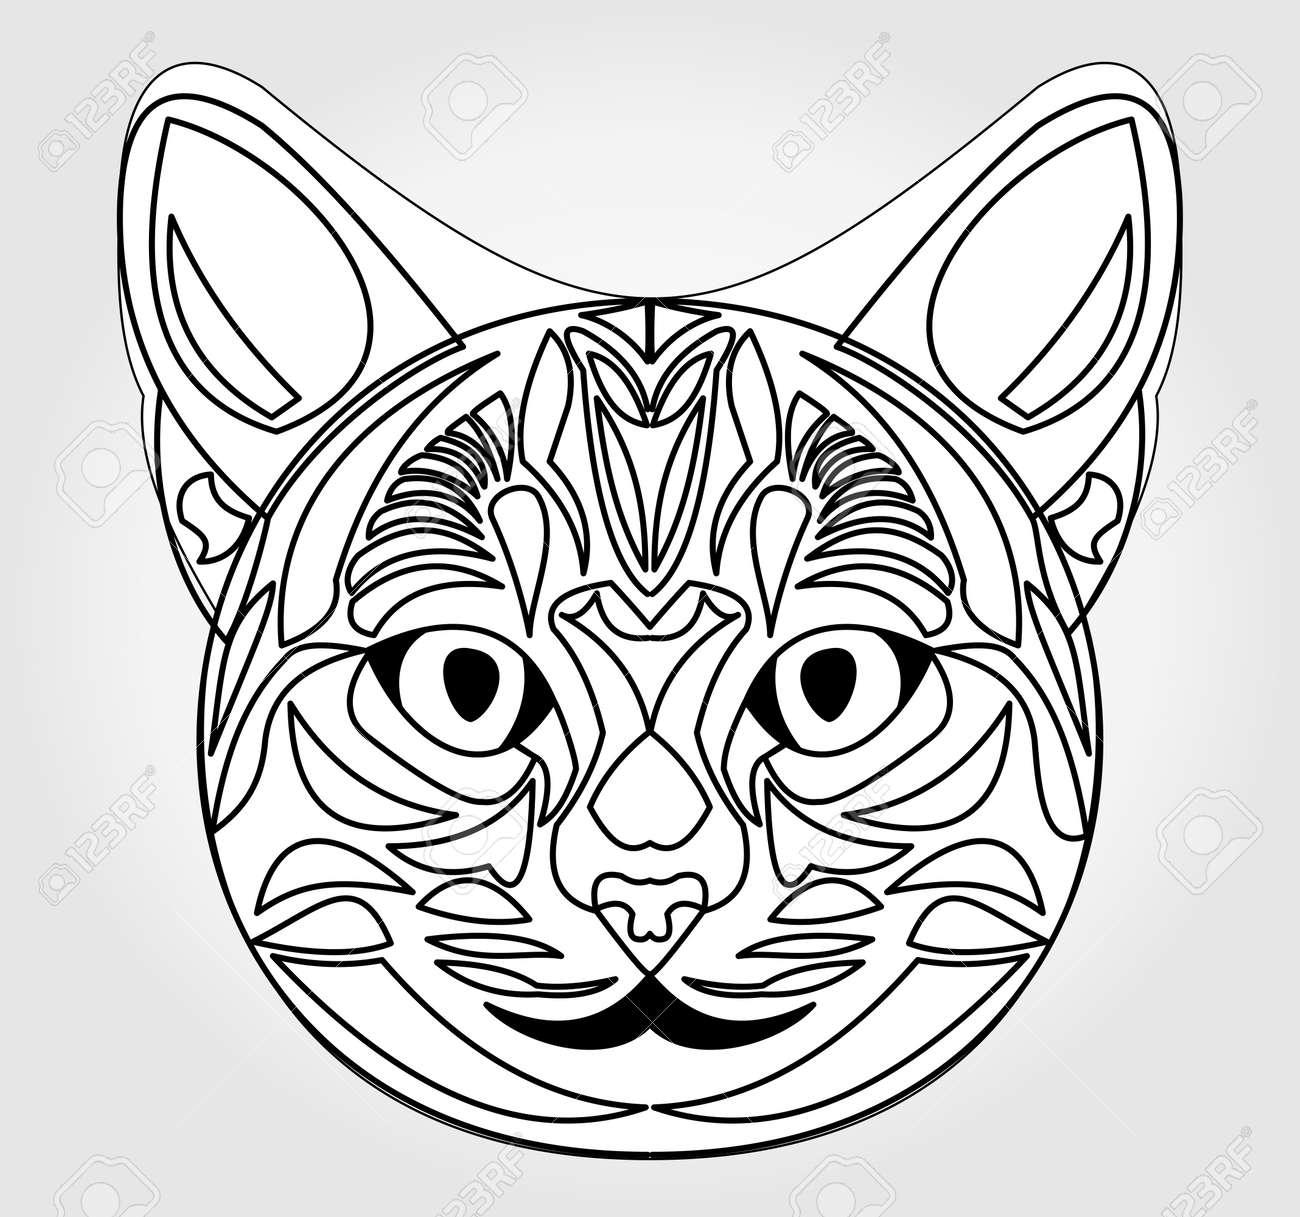 Uncategorized Cat Head Drawing cat head drawing symbol of sun god egyptian mythology egypt sacred animal